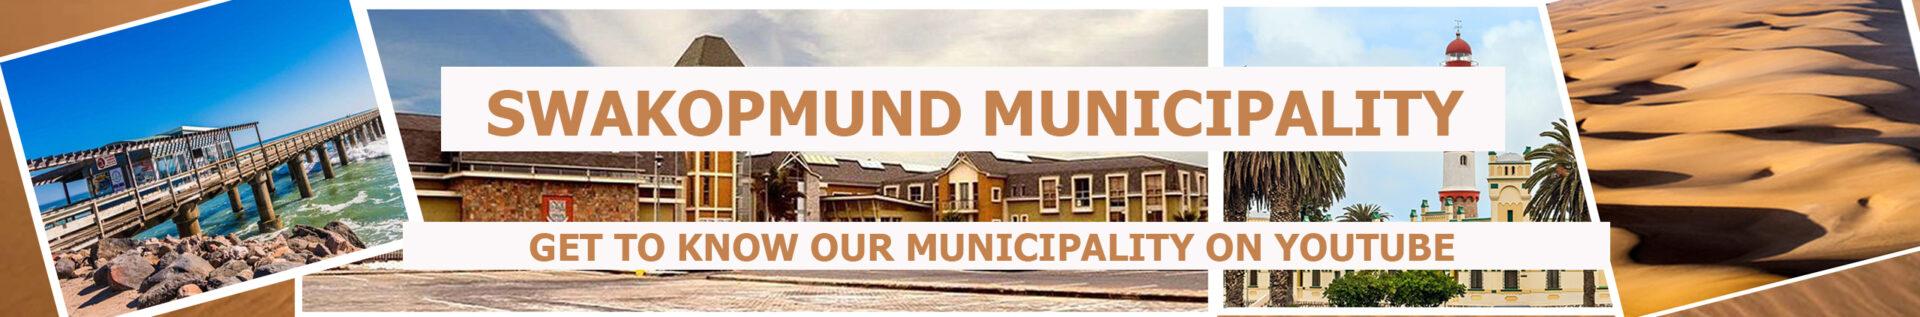 Swakopmund Municipality YouTube channel wall page